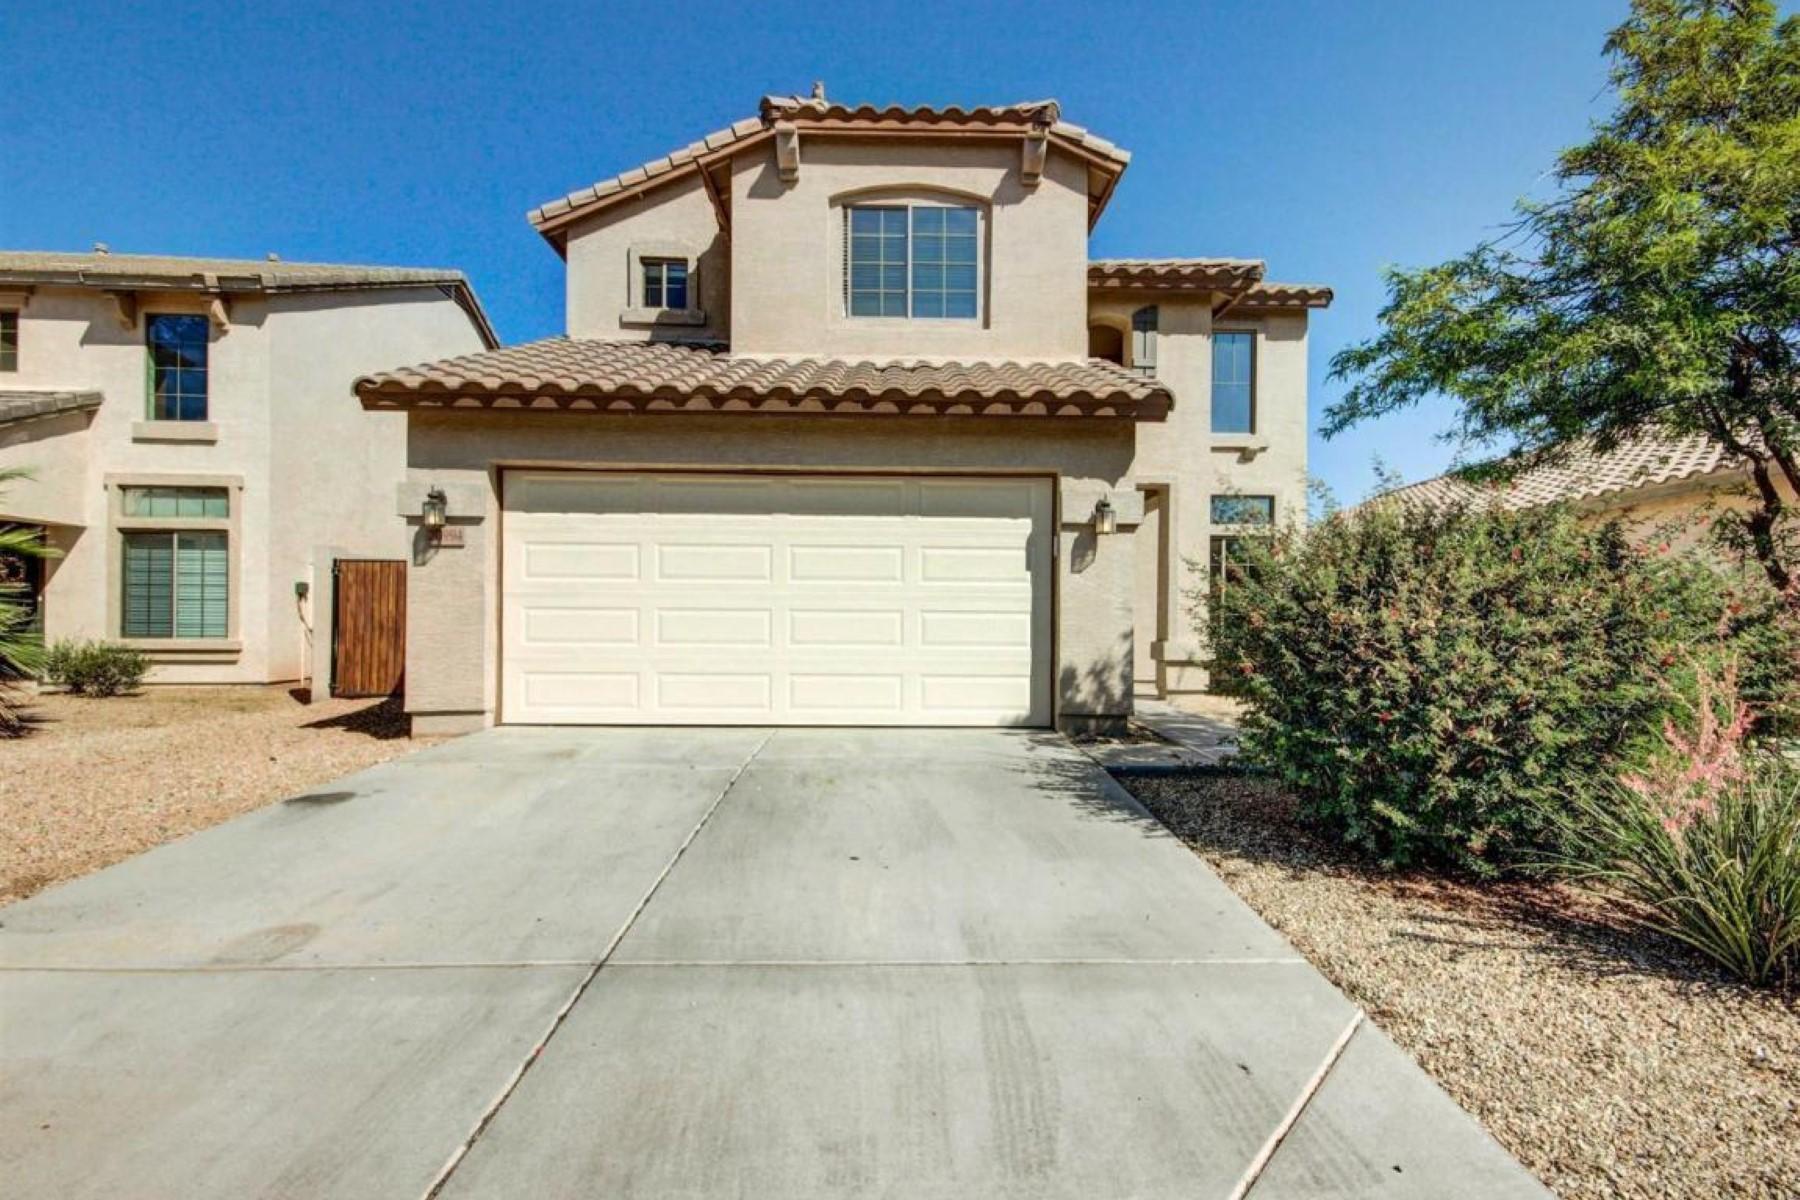 Nhà ở một gia đình vì Bán tại Nestled in a fabulous community complete with a lake. 20994 N LEONA BLVD Maricopa, Arizona 85138 Hoa Kỳ